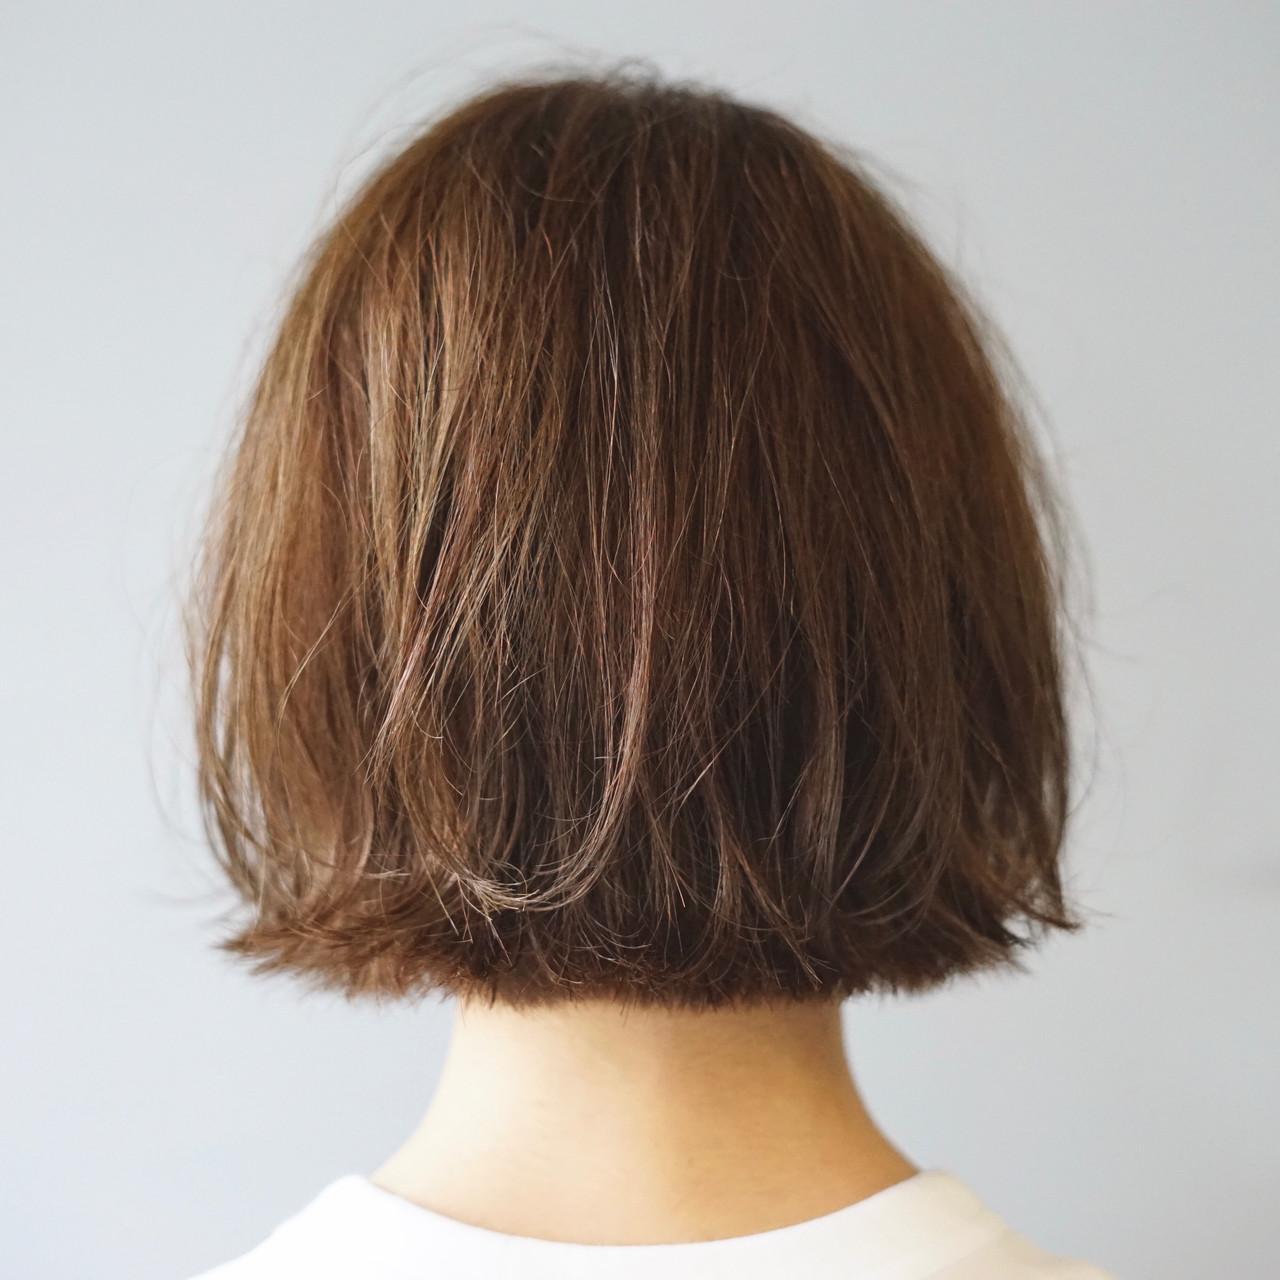 モテボブ 前下がりボブ ナチュラル 切りっぱなし ヘアスタイルや髪型の写真・画像